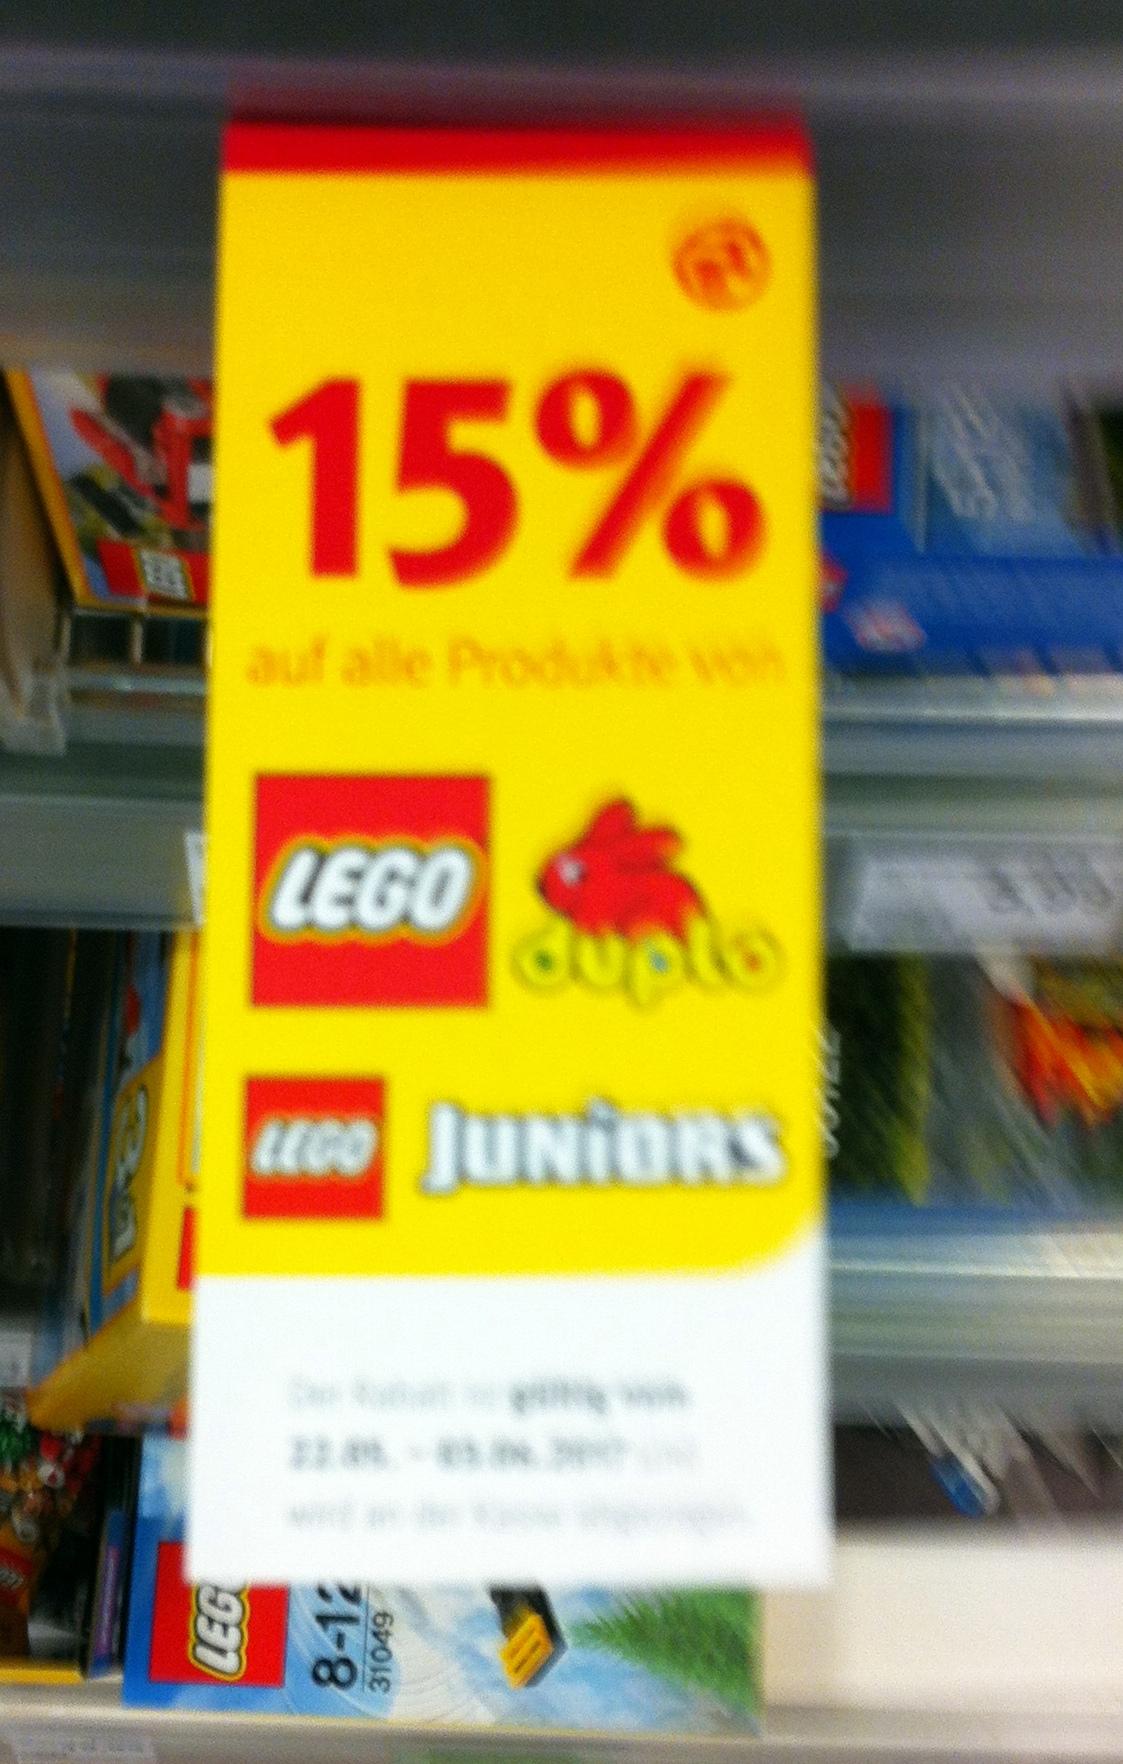 [Rossmann] 15% Rabatt auf Lego Duplo und Lego Junior (22.05-03.06.)